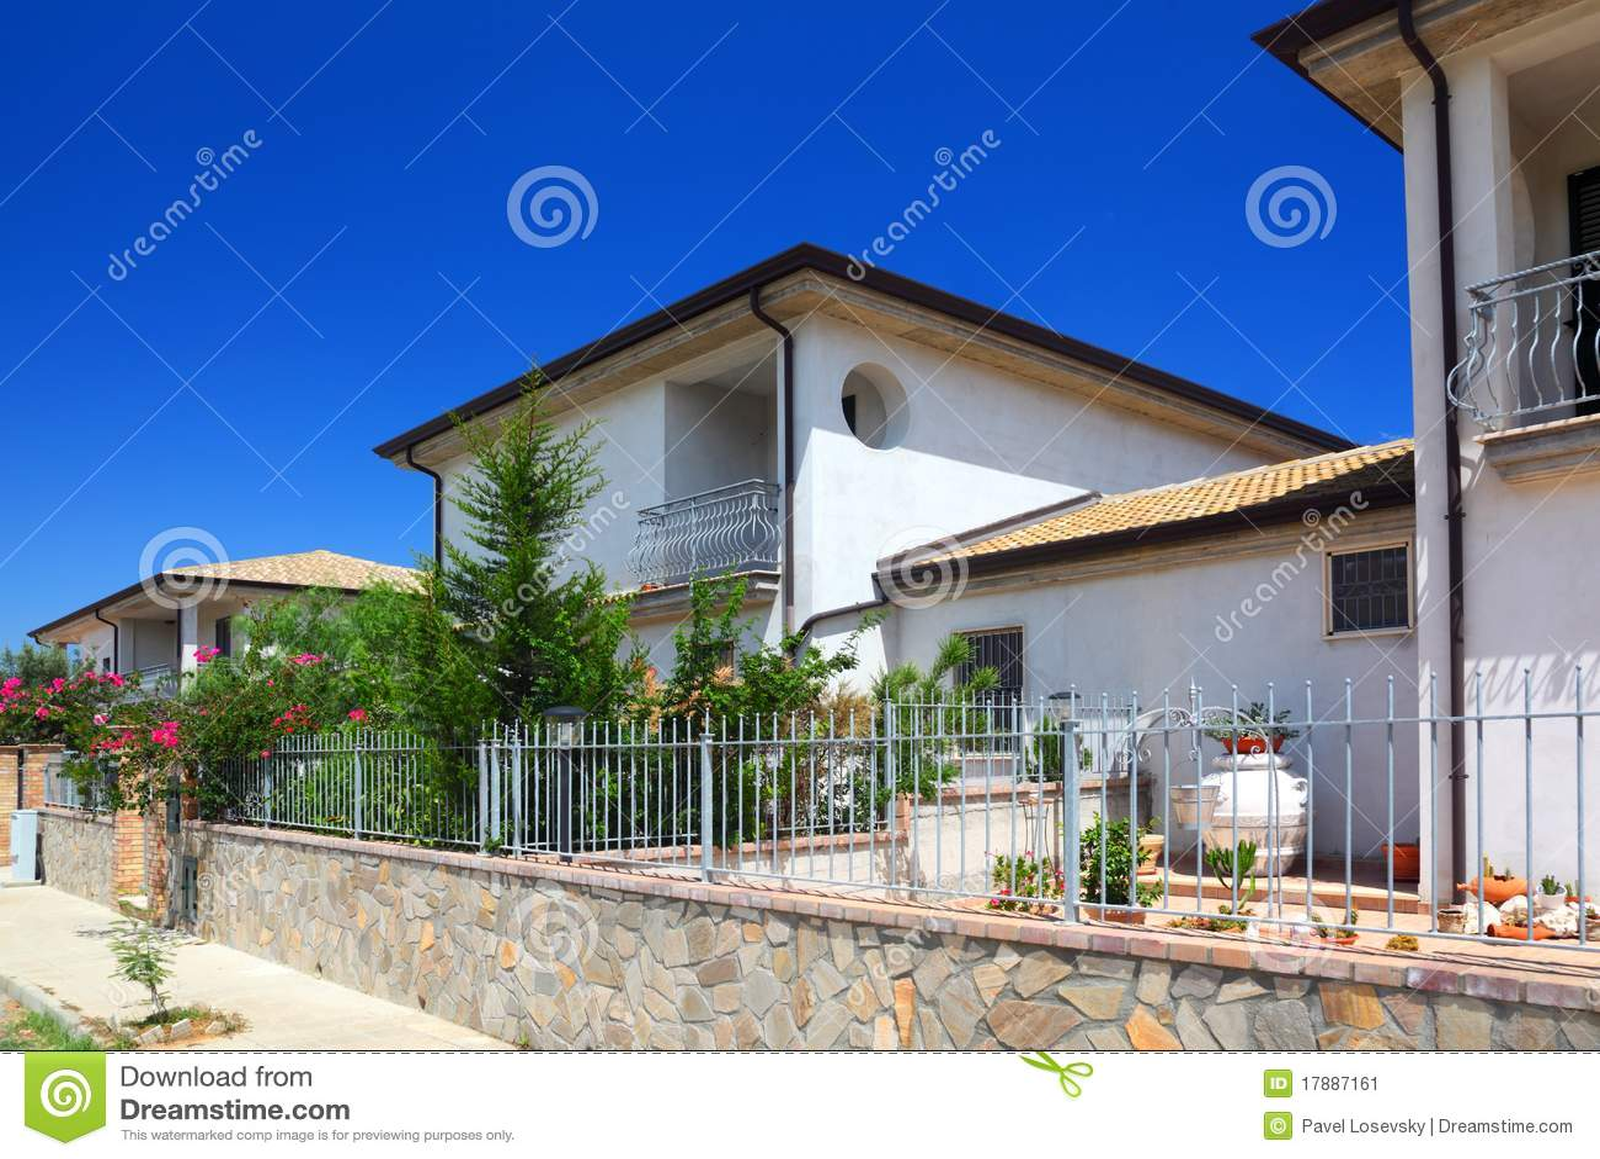 cerca para jardim branca : cerca para jardim branca:Cerca Das Casas De Campo De Dois Andares Brancas Com Jardim Imagem de